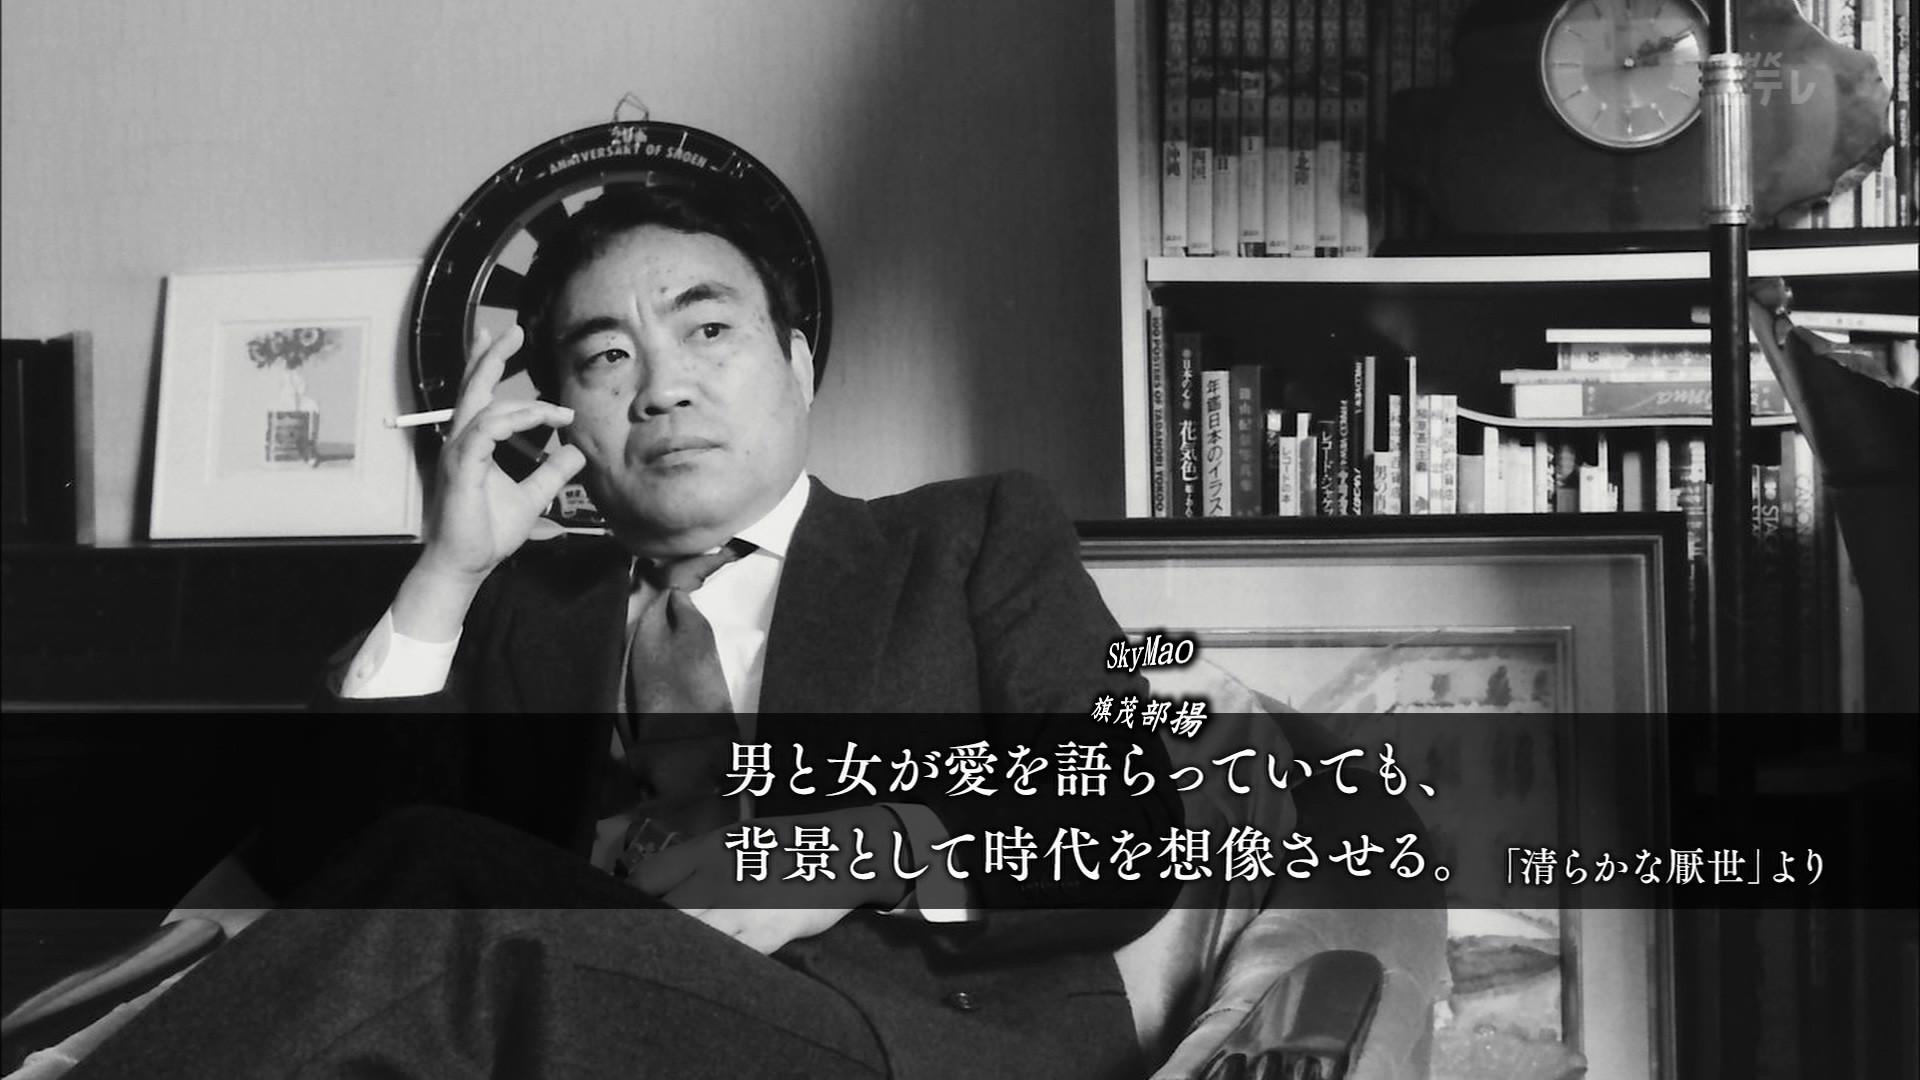 2017.09.23 全場(いきものがかり水野良樹の阿久悠をめぐる対話).ts_20170924_020812.434